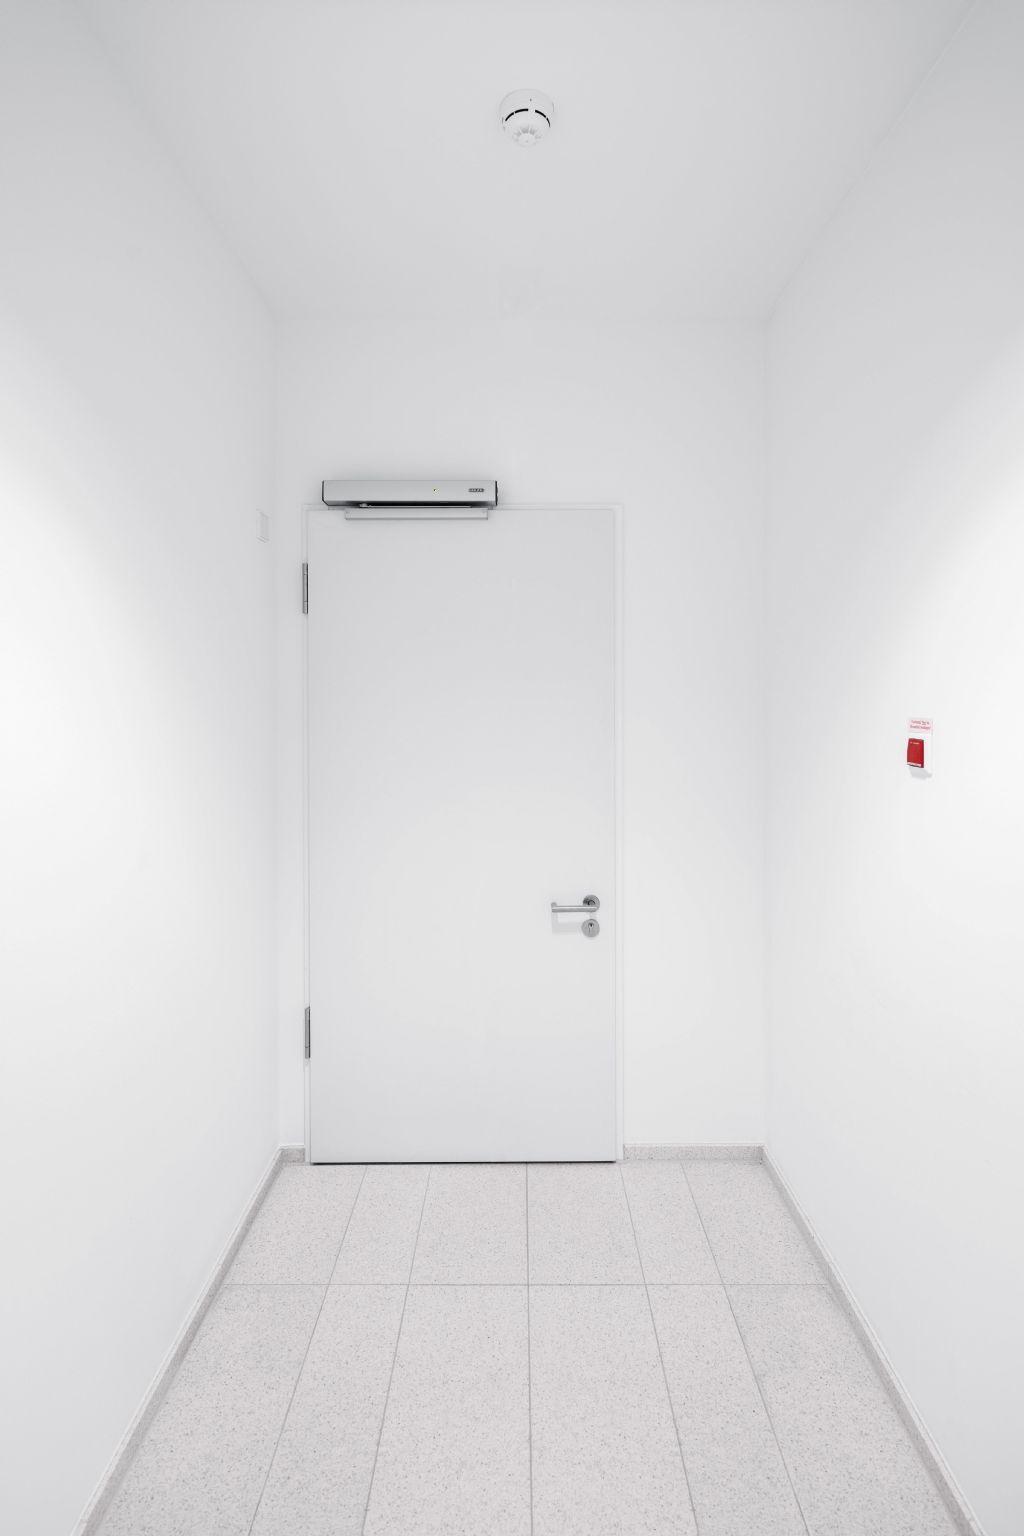 Le kit d'extension sans fil GEZE FA GC 170 convient à un montage simple sur des portes coupe-feu dans des bâtiments existants ou des projets monumentaux.